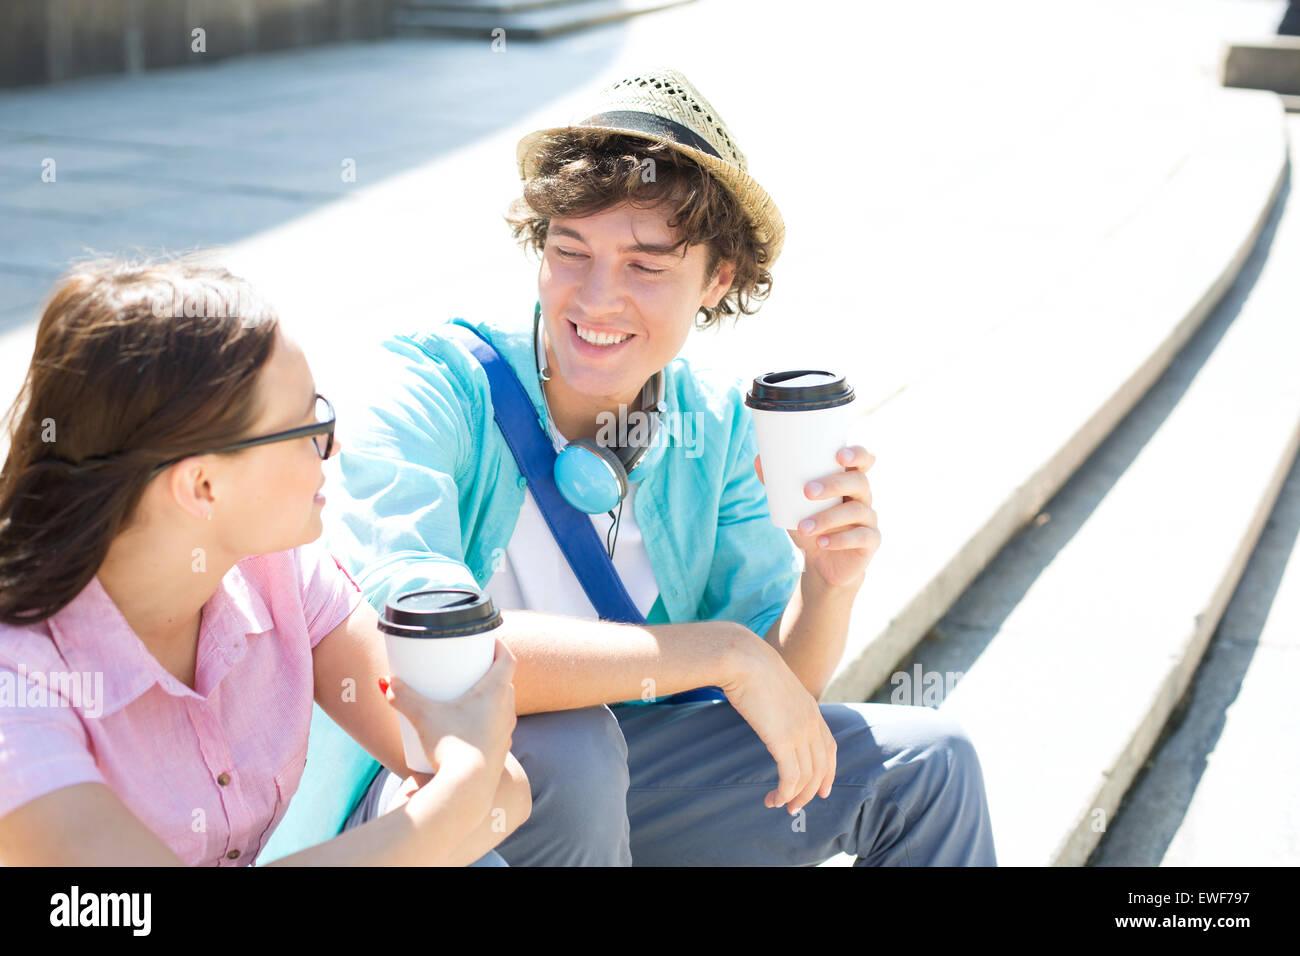 Glückliche Freunde halten Einweg Kaffeetassen auf Schritte im freien sitzend Stockfoto